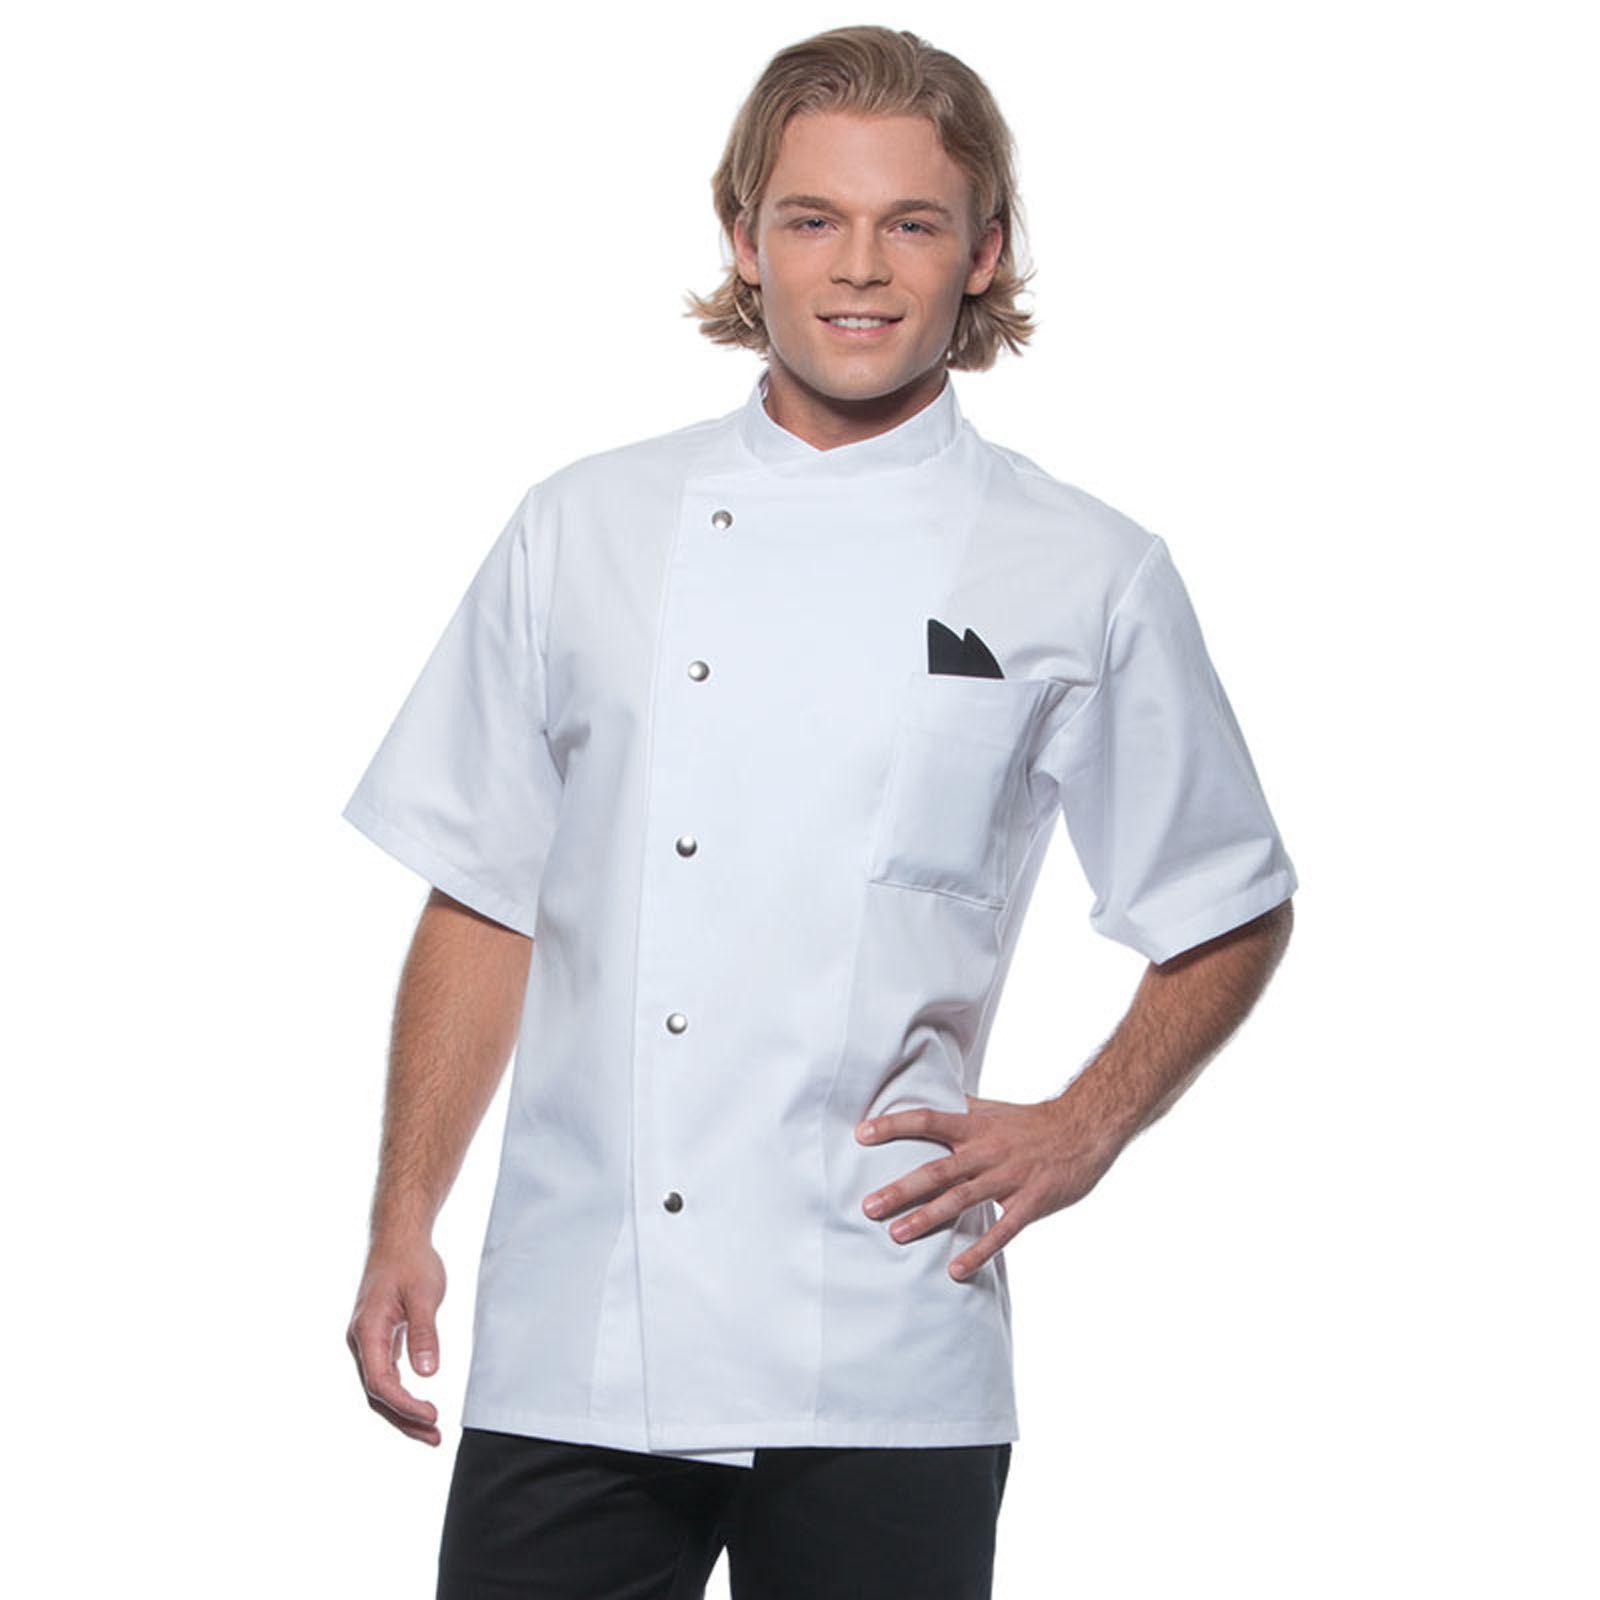 veste de cuisinier personnalisee - le manches courtes - gustav ... - Veste De Cuisine Personnalisee